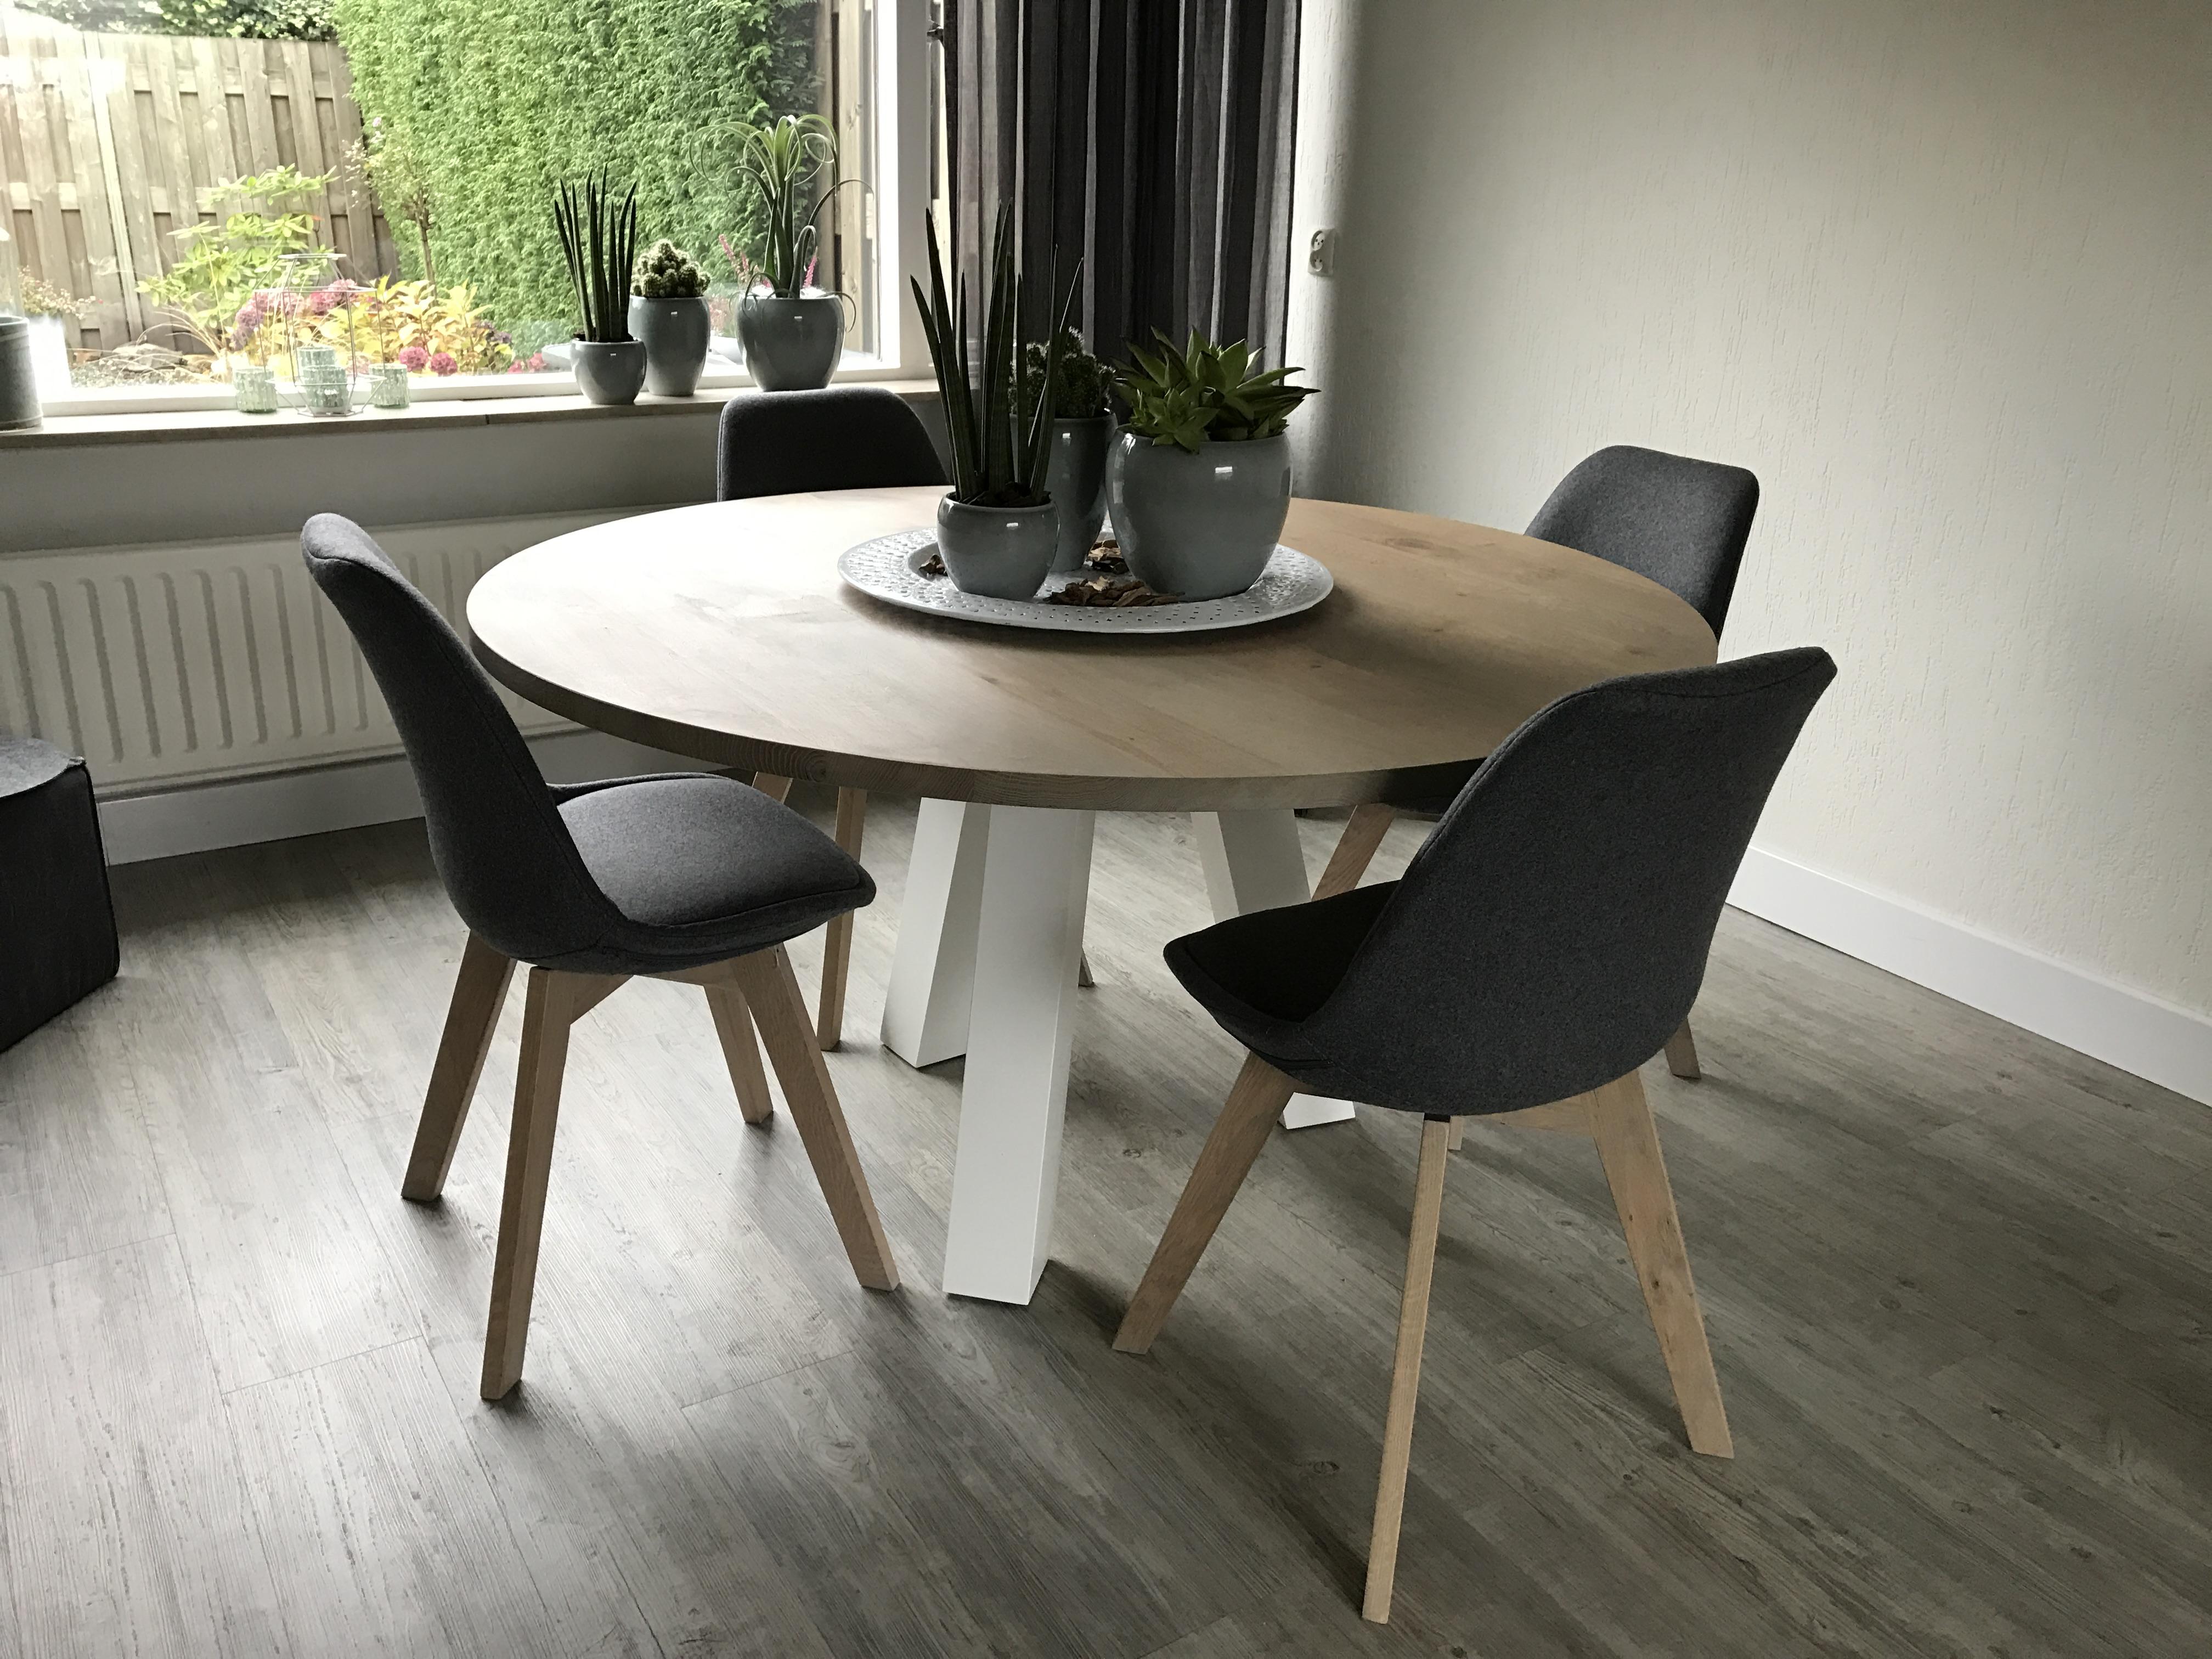 Ronde eettafel wit hout ronde tafel industrieel great ronde